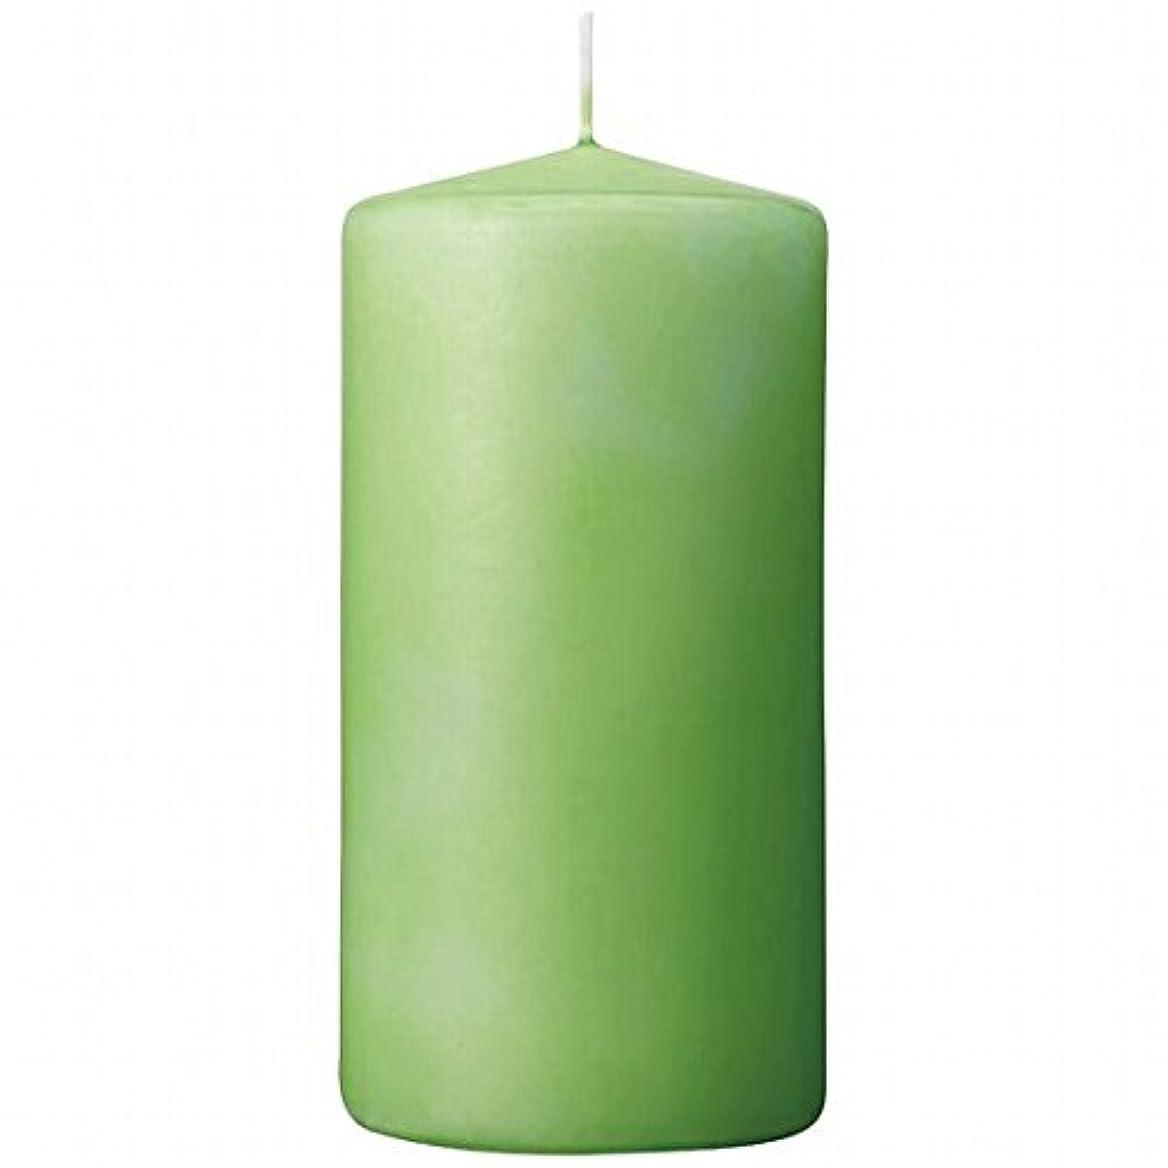 誠意スキャンダラス調子カメヤマキャンドル(kameyama candle) 3×6ベルトップピラーキャンドル 「 ライム 」